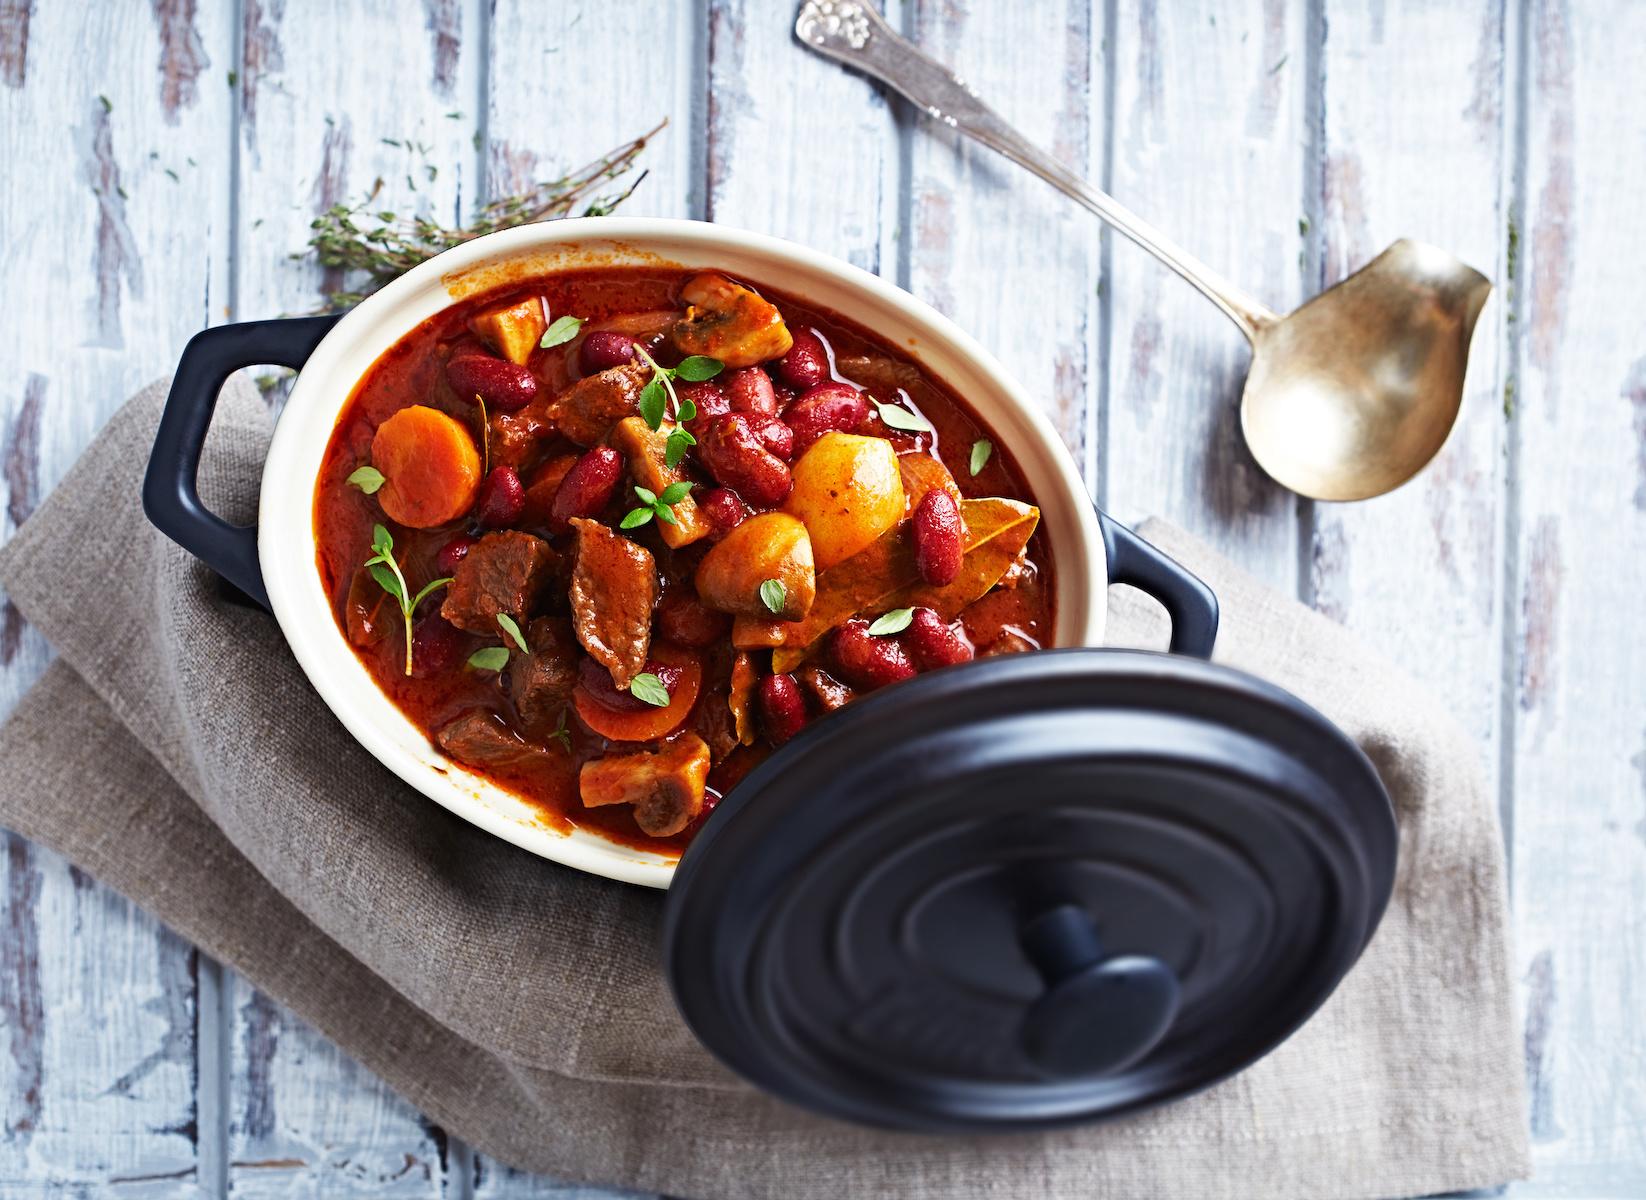 Recette facile de rôti de pot à la mijoteuse: Comment faire cuire le meilleur rôti de pot